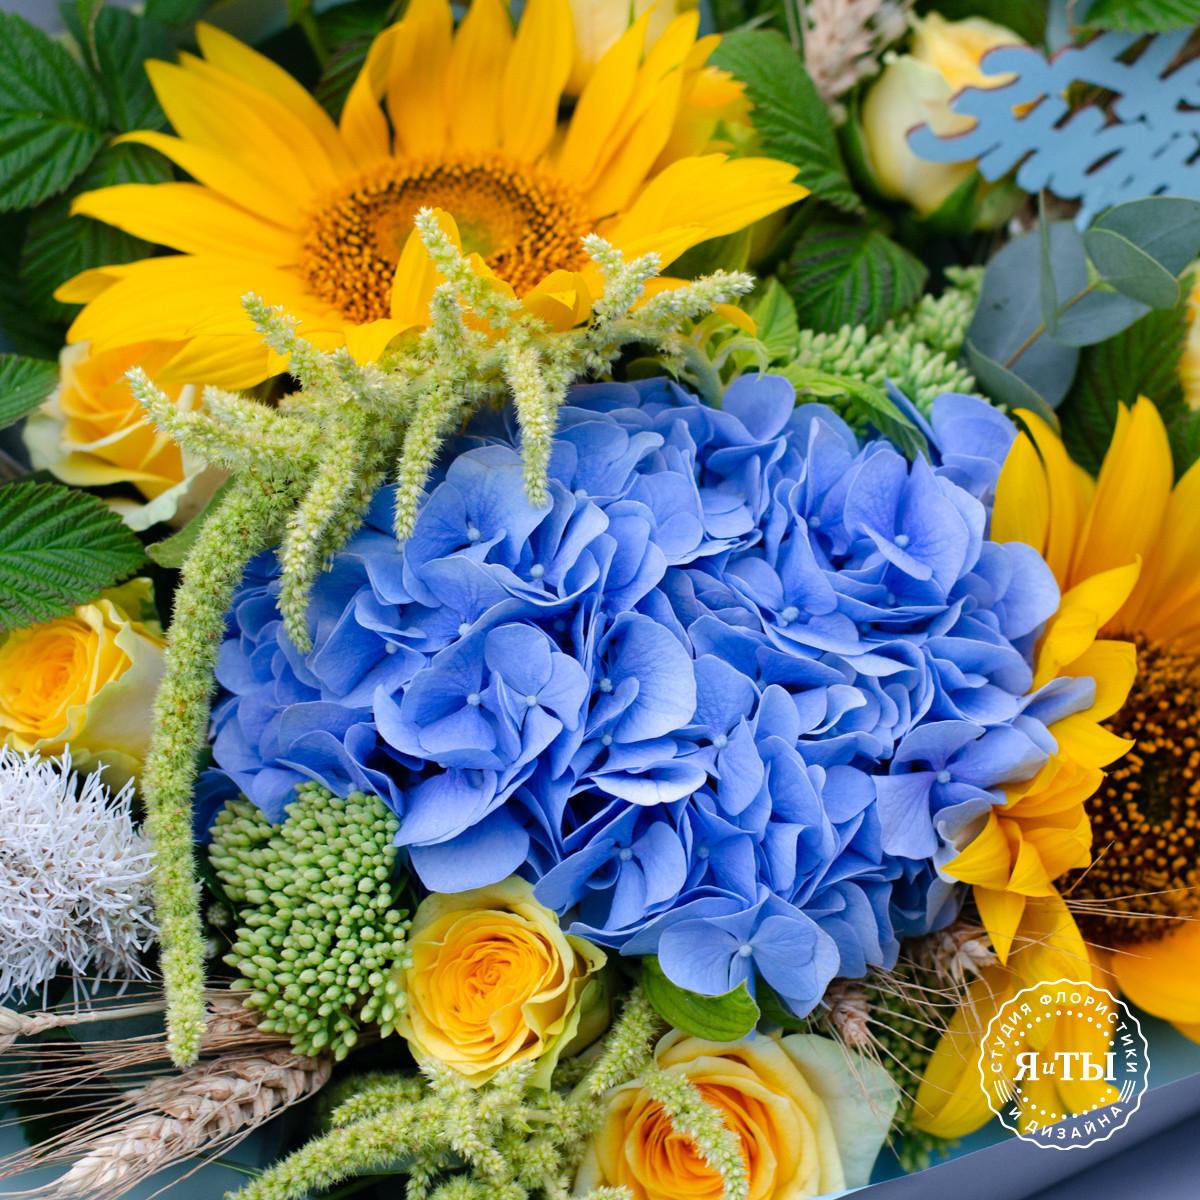 Желто - голубой букет с гортензией